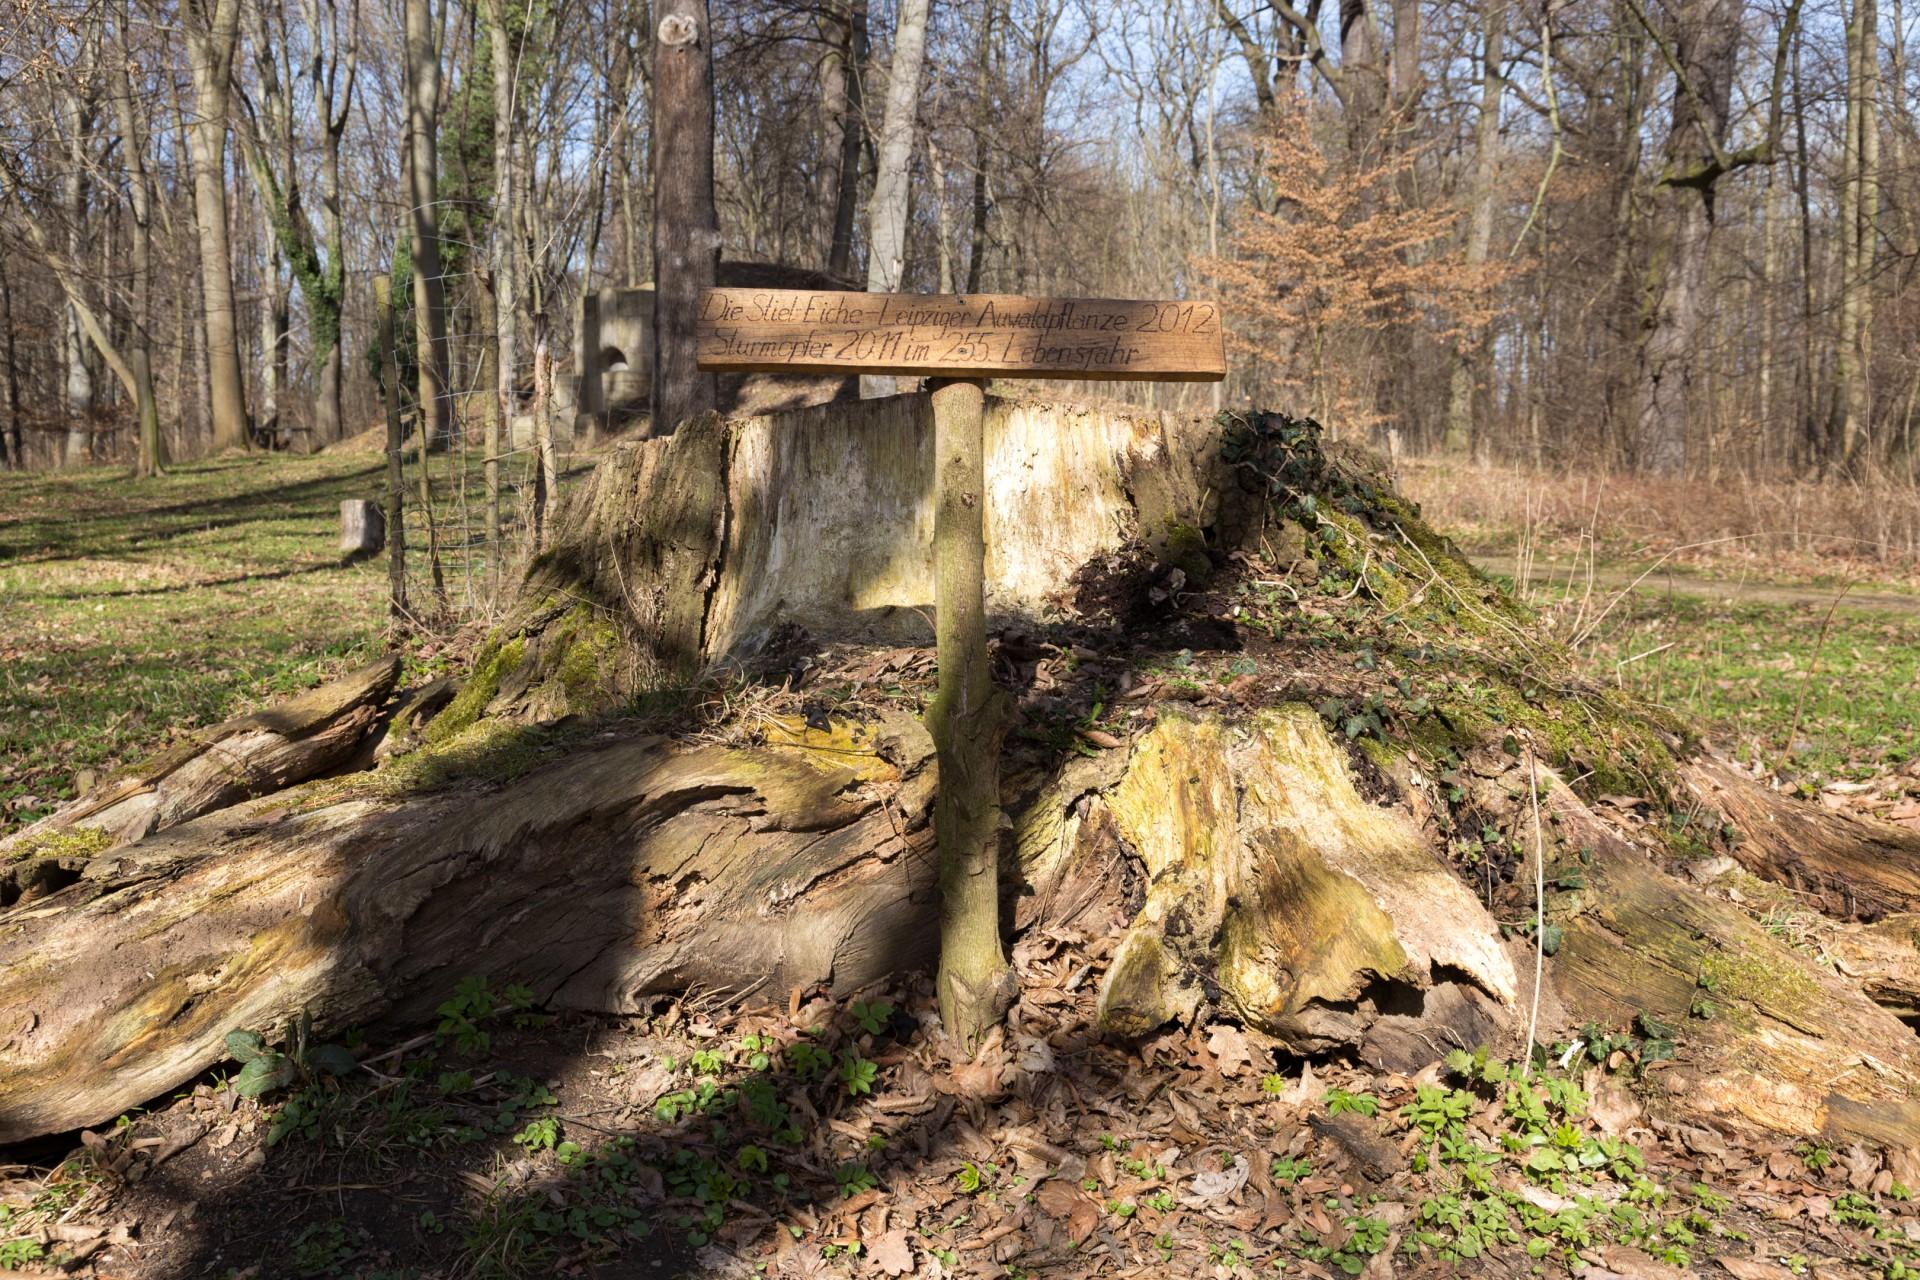 Stumpf einer Stieleiche, Schlosspark Lützschena